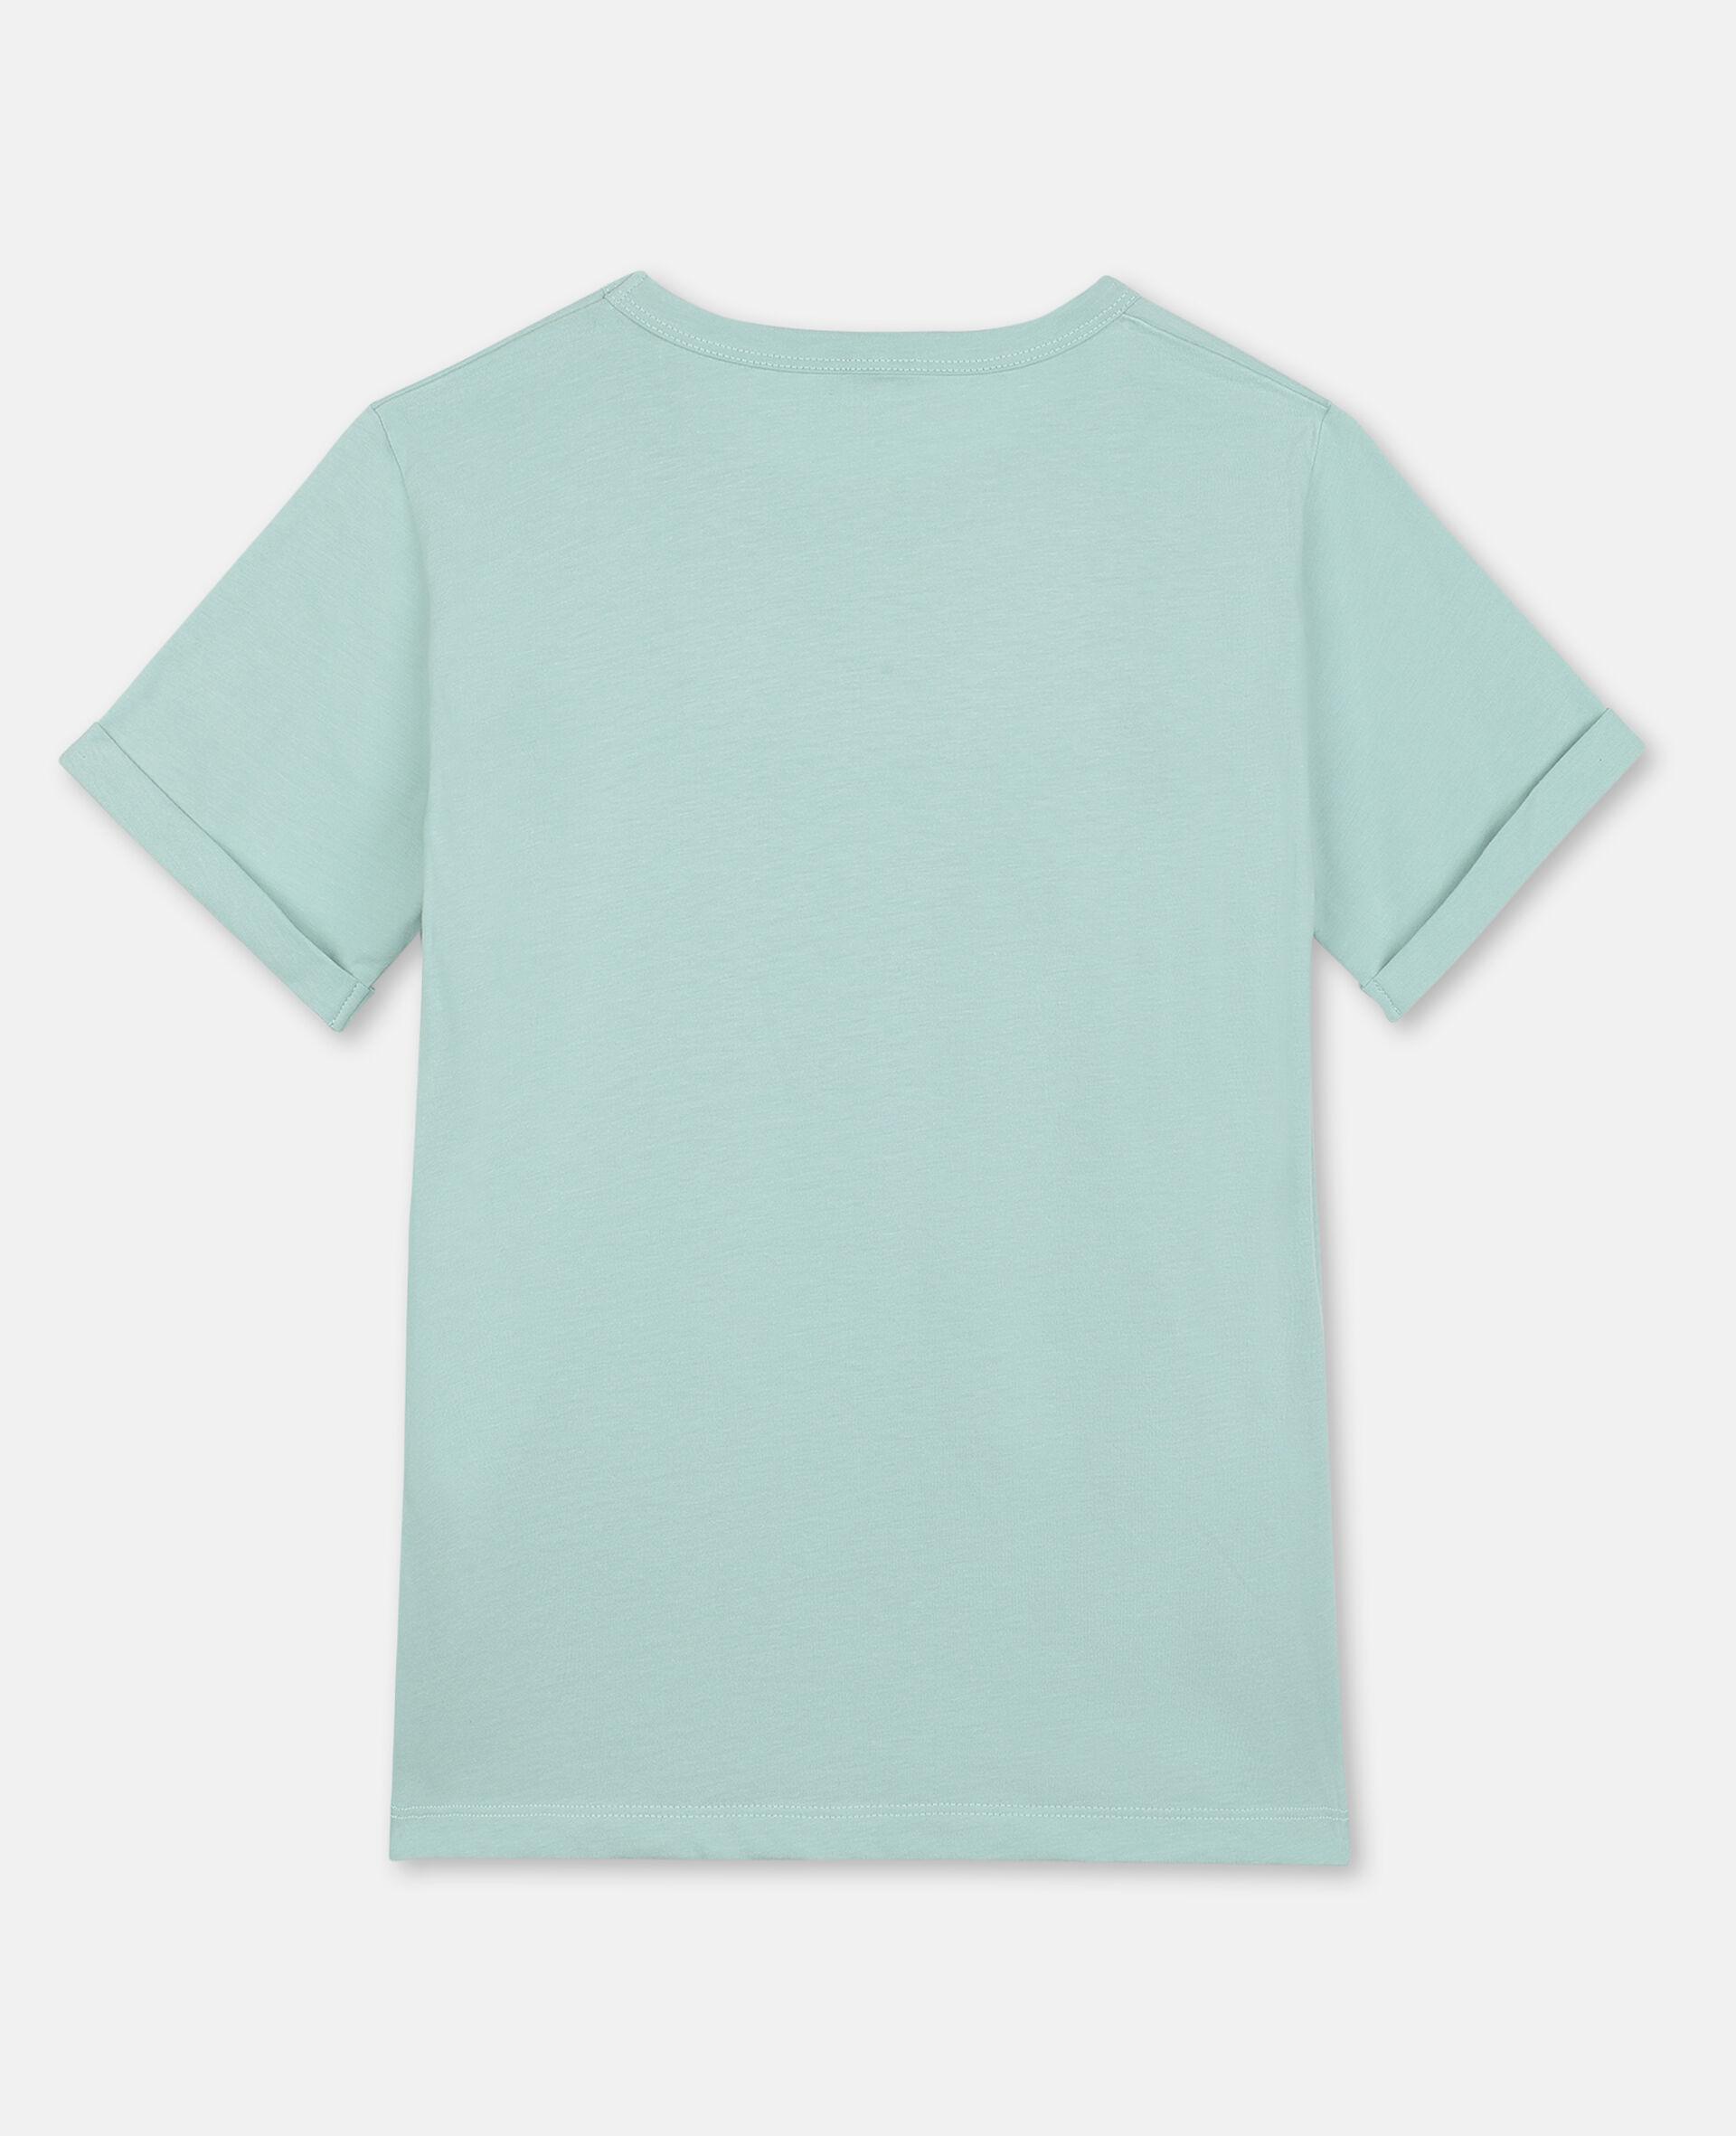 バタフライ コットン Tシャツ-グリーン-large image number 3